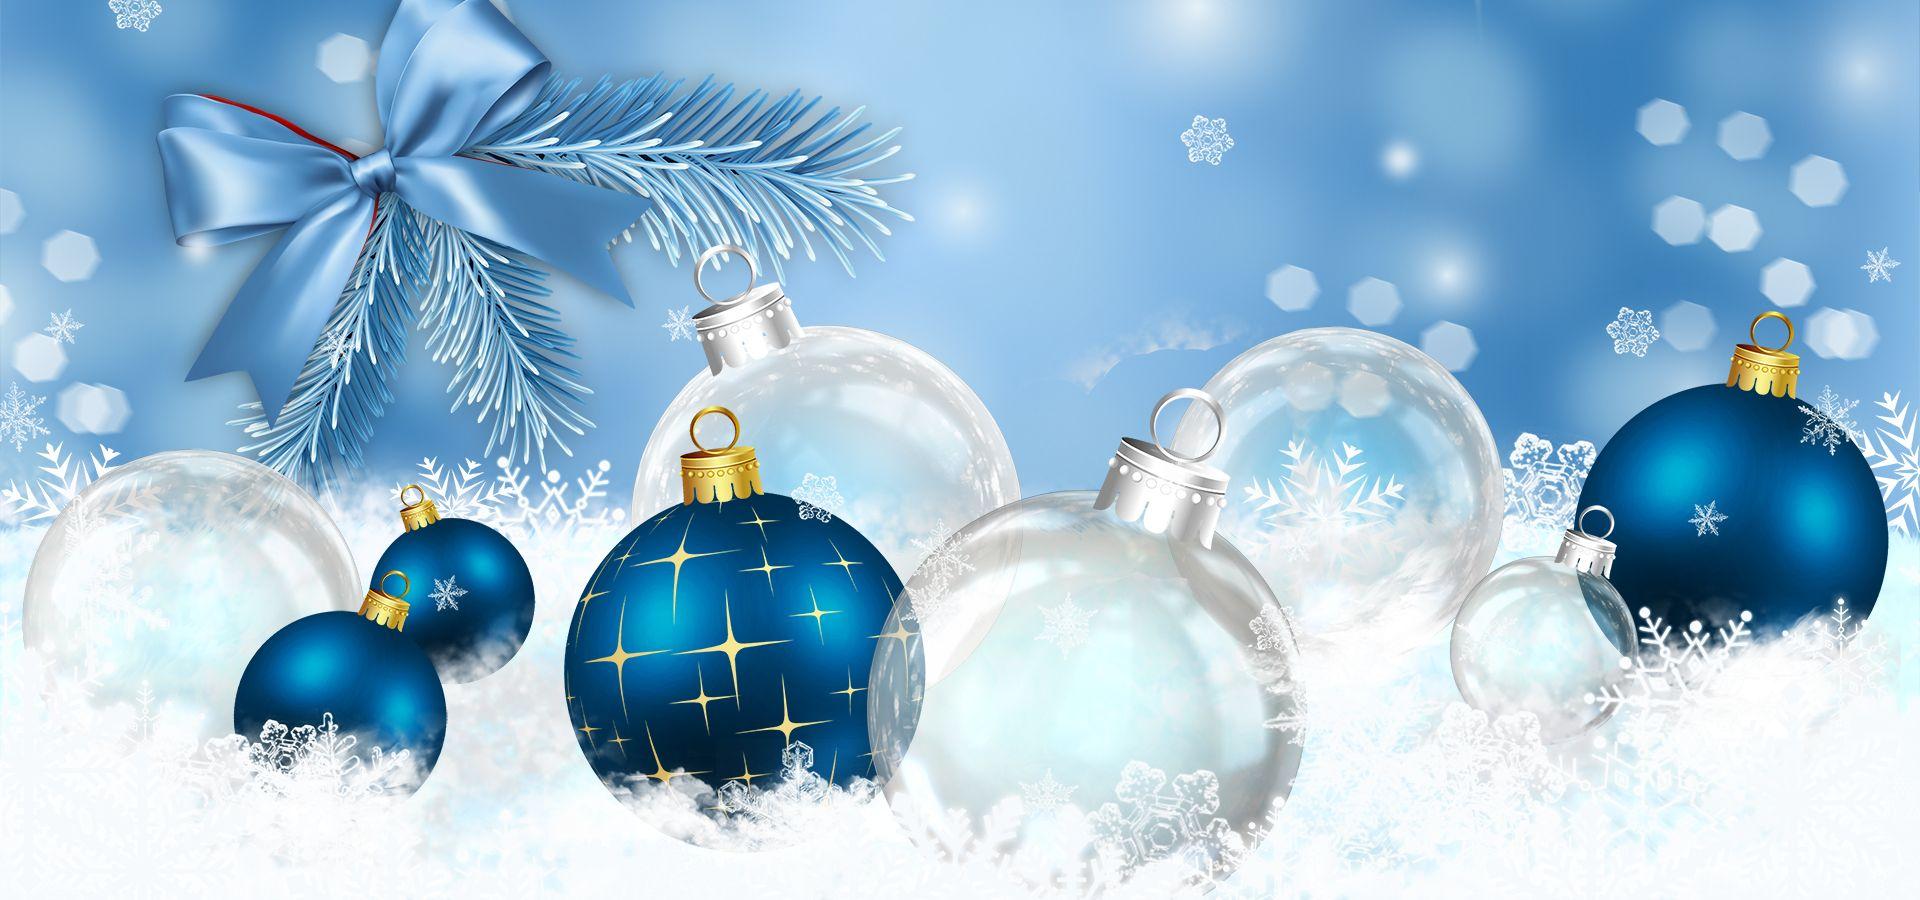 Bangle Invierno La Nieve Copo De Nieve Antecedentes Christmas Cover Photo Christmas Facebook Cover Christmas Background